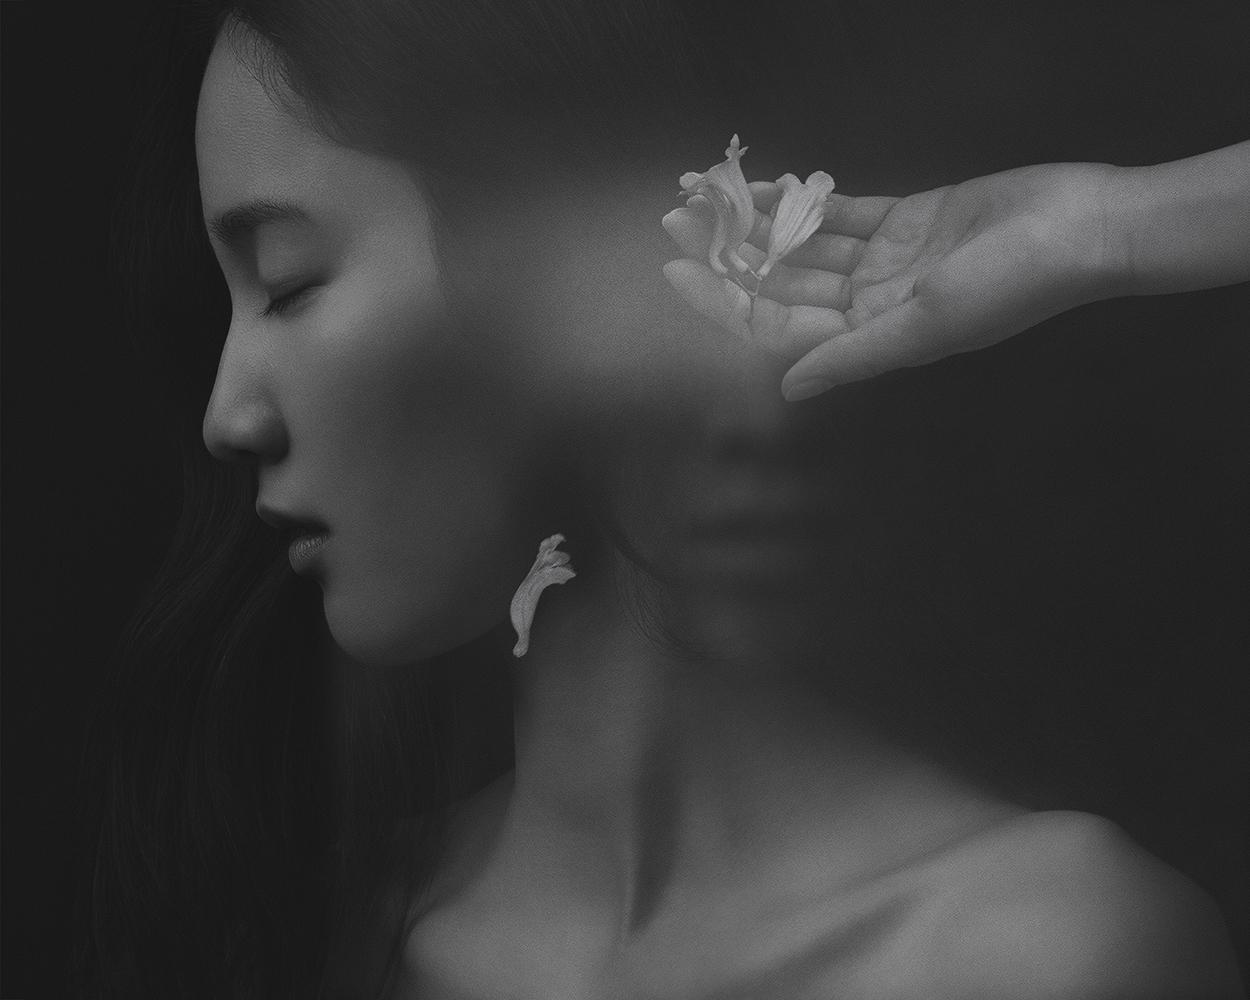 Suxing Zhang